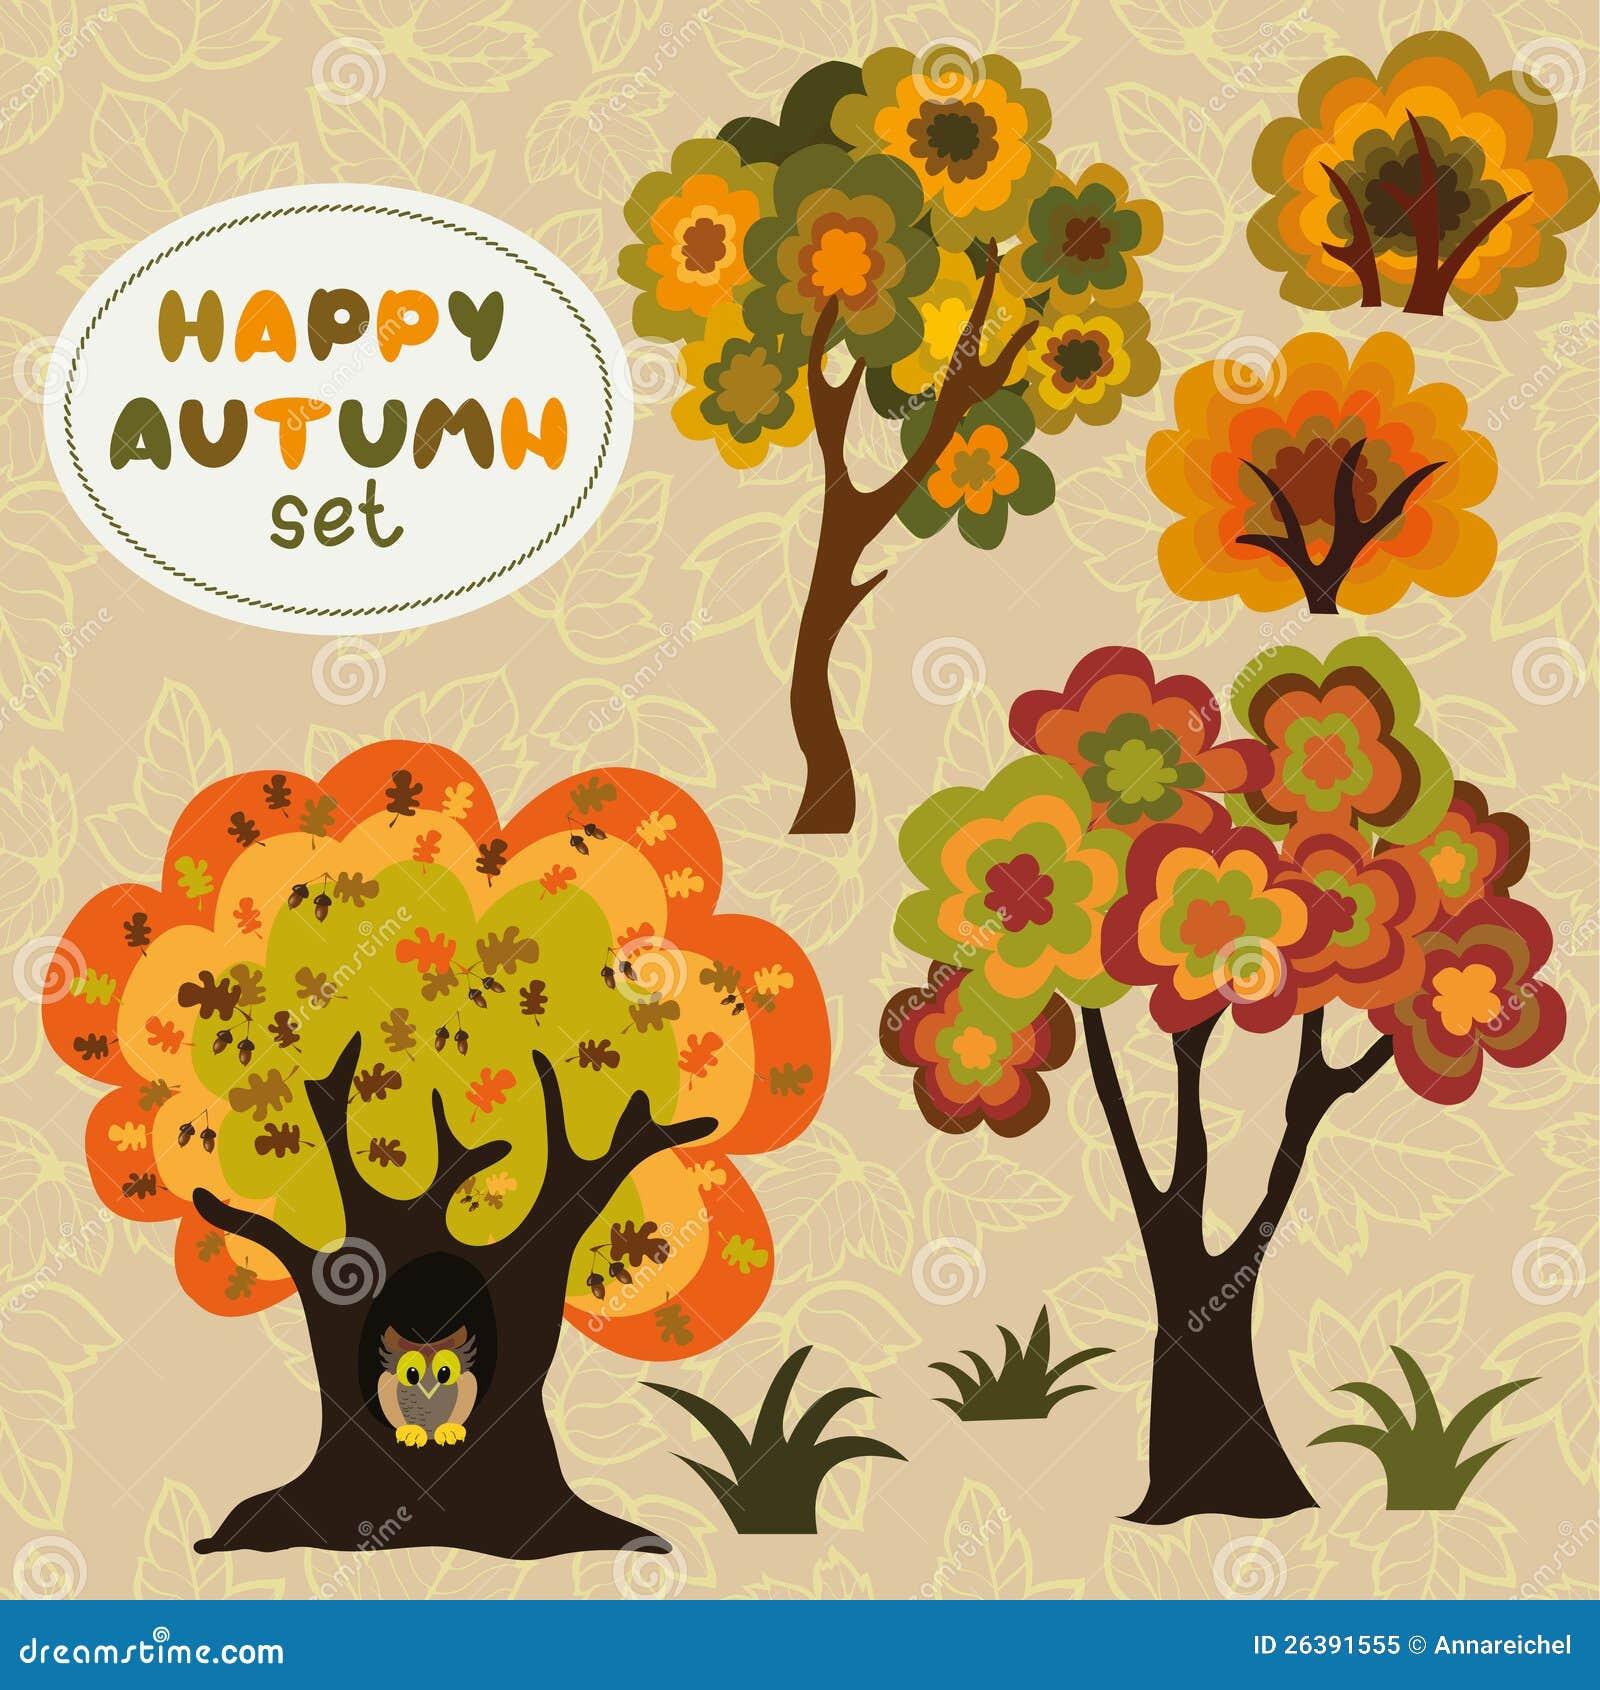 风格化动画片套在秋天颜色的结构树和灌木. 能分别地使用与背景.图片